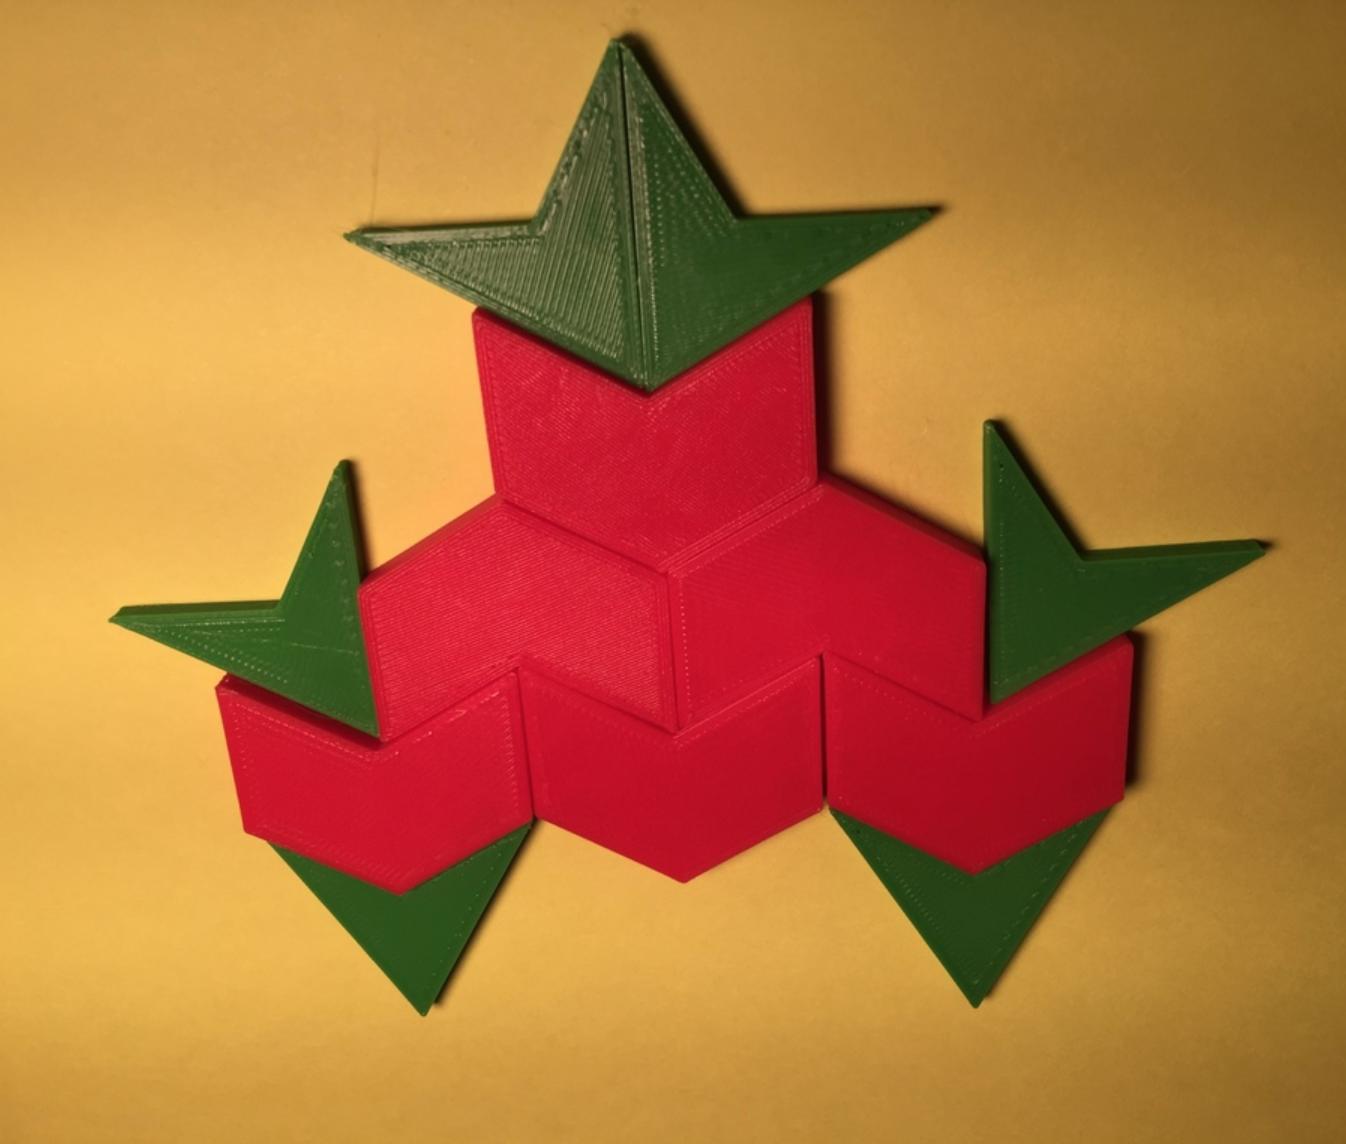 Capture d'écran 2017-12-26 à 15.10.39.png Download free STL file Hexagram, Hexagonal Star, Hexagon Puzzle • 3D printing model, LGBU